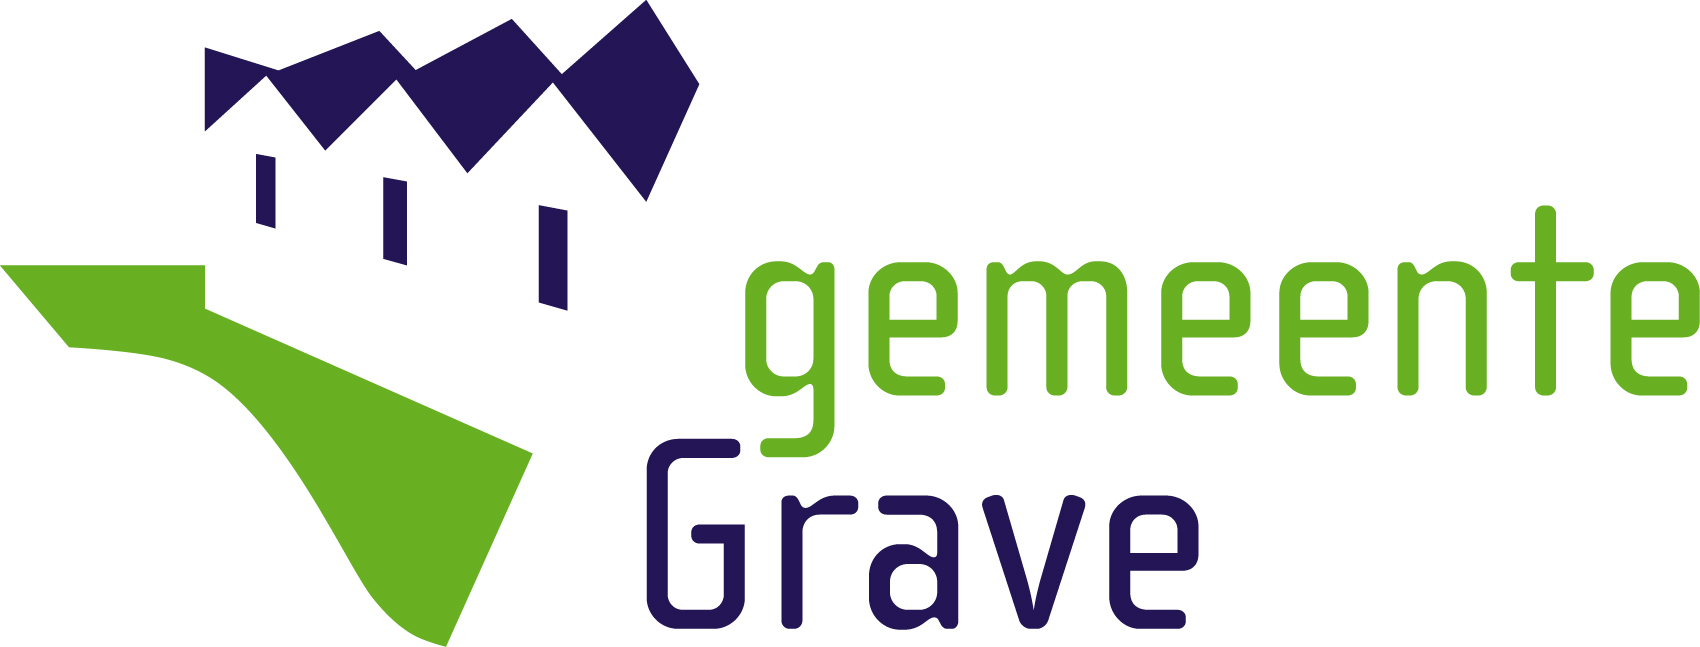 Historisch Grave logo